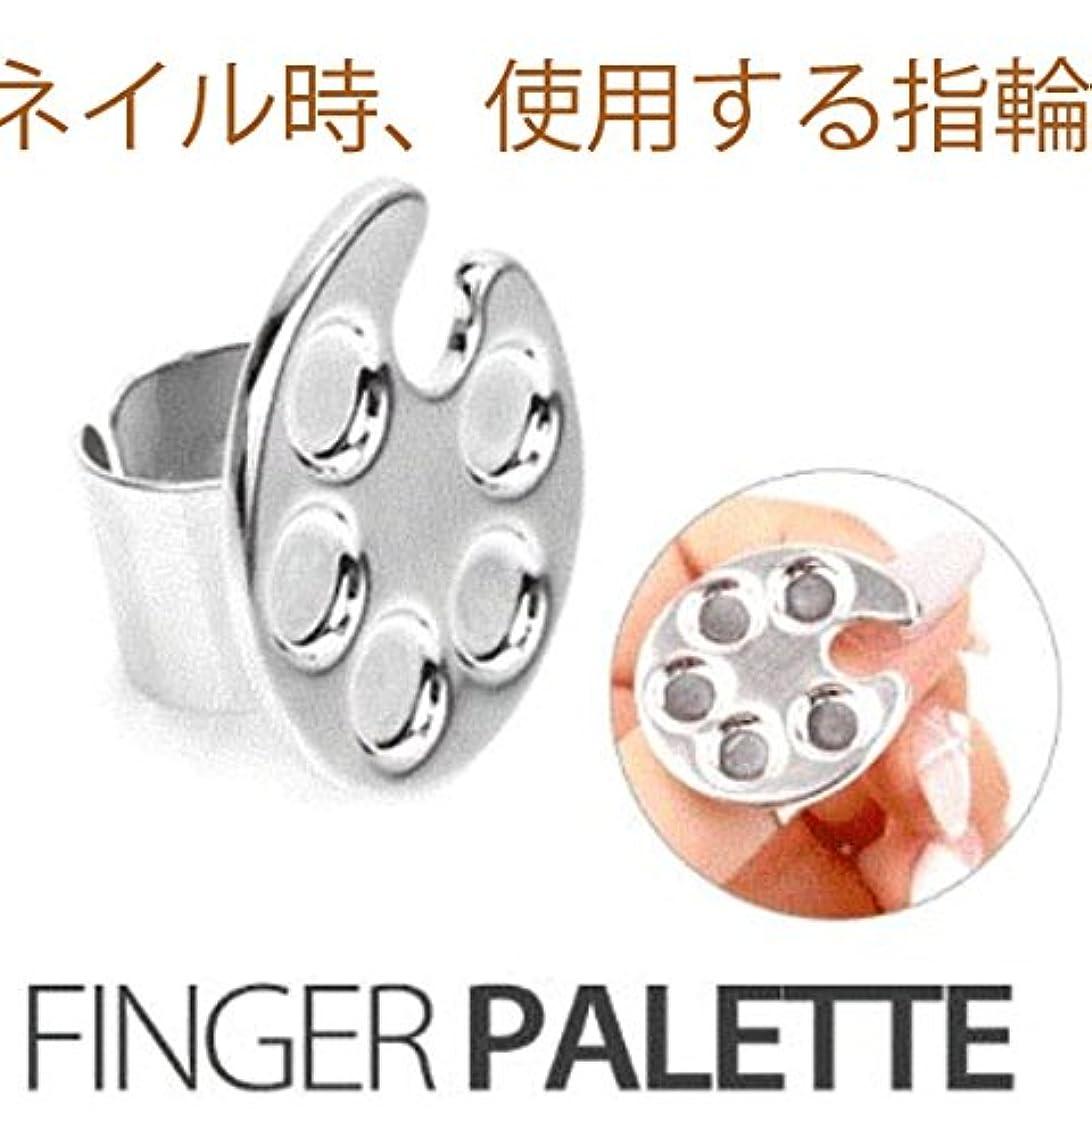 つなぐ怒るテレマコスネイルアートが楽になる、、ネイル時、使用する可愛いパレット指輪